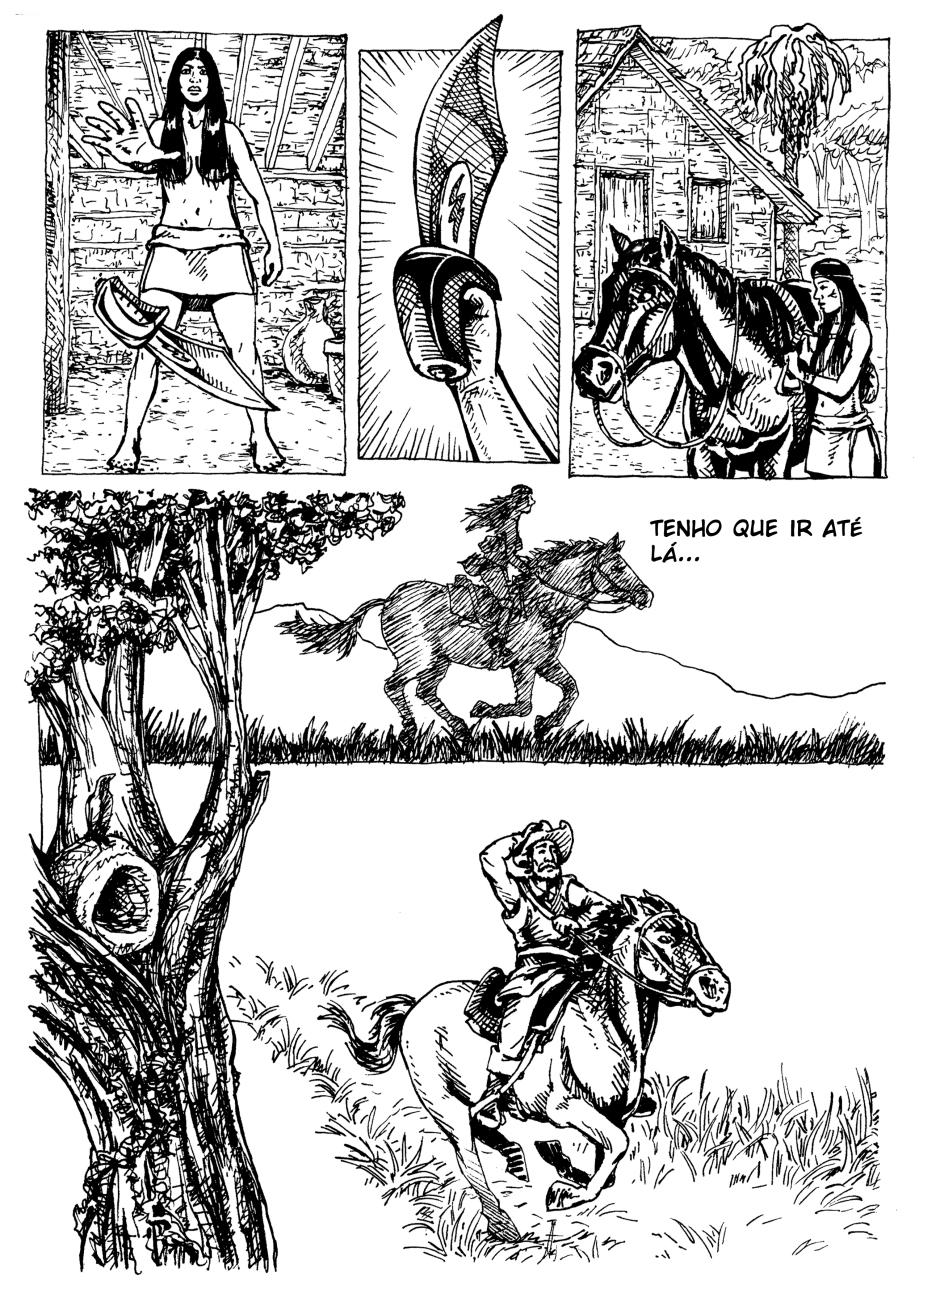 página de quadrinhos.